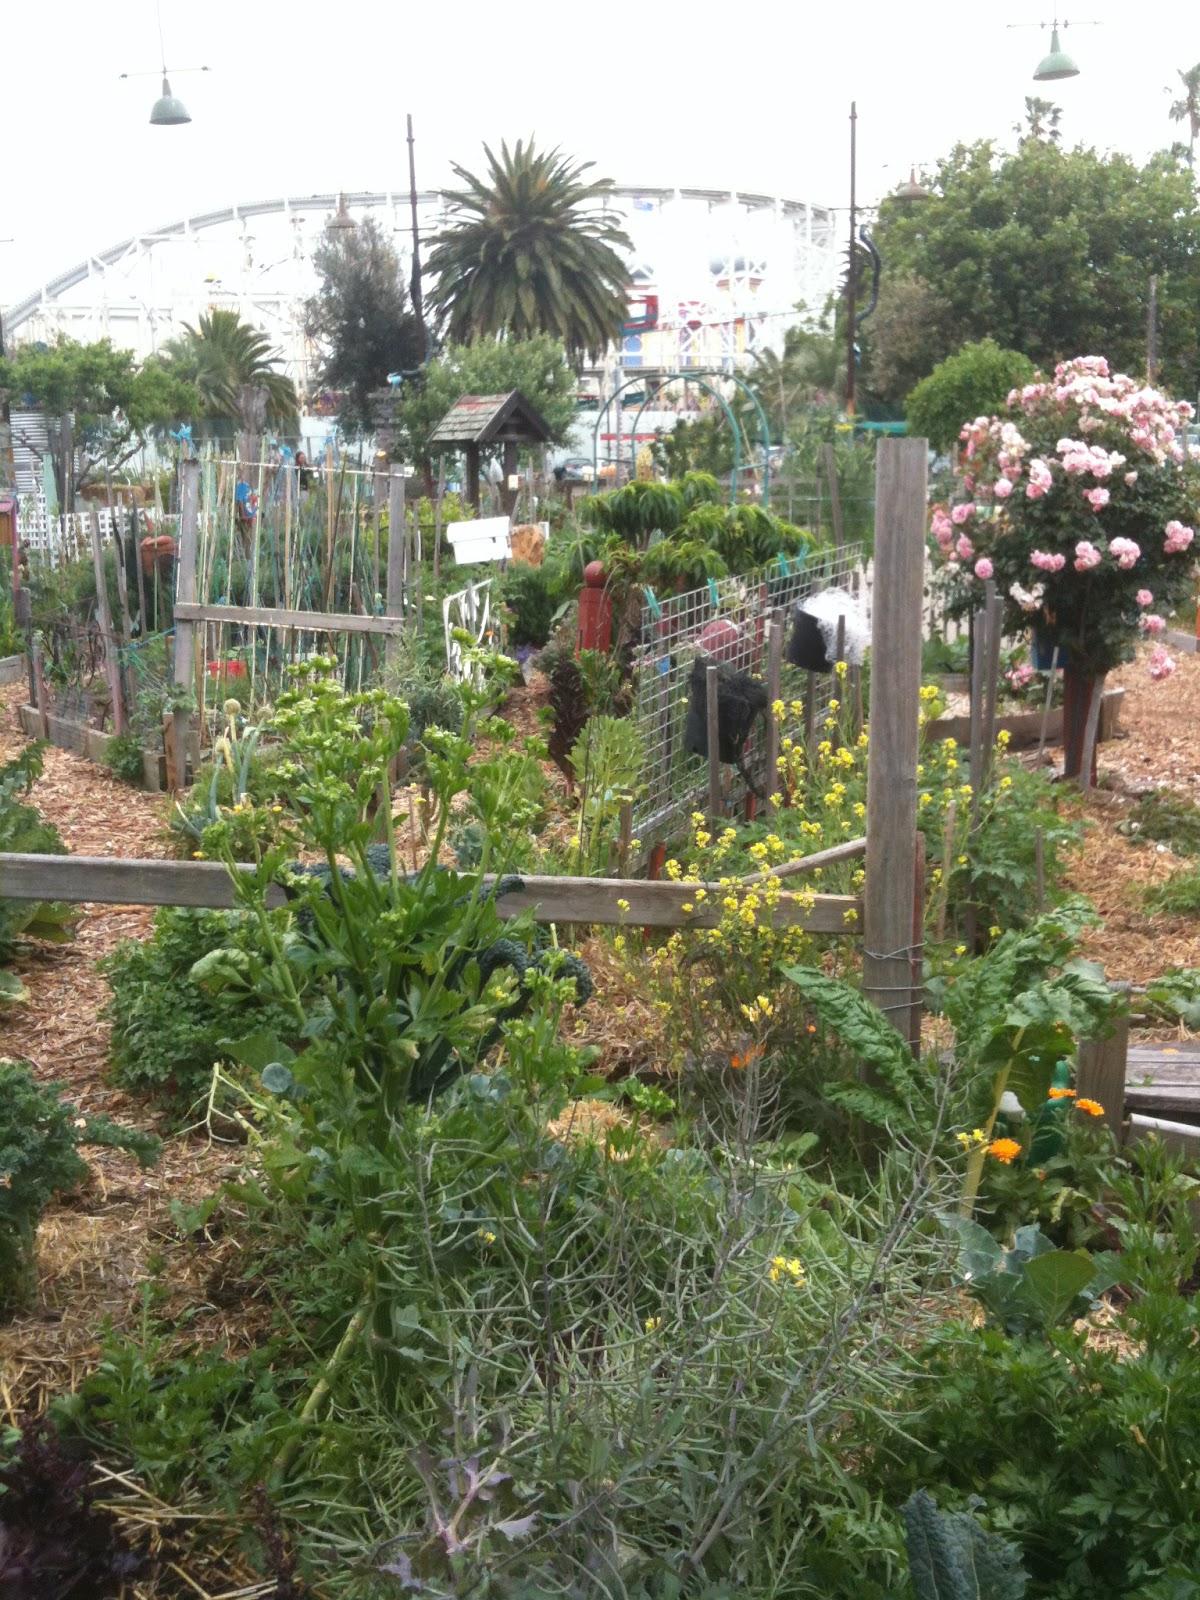 city garden country garden: Creative Inspiration